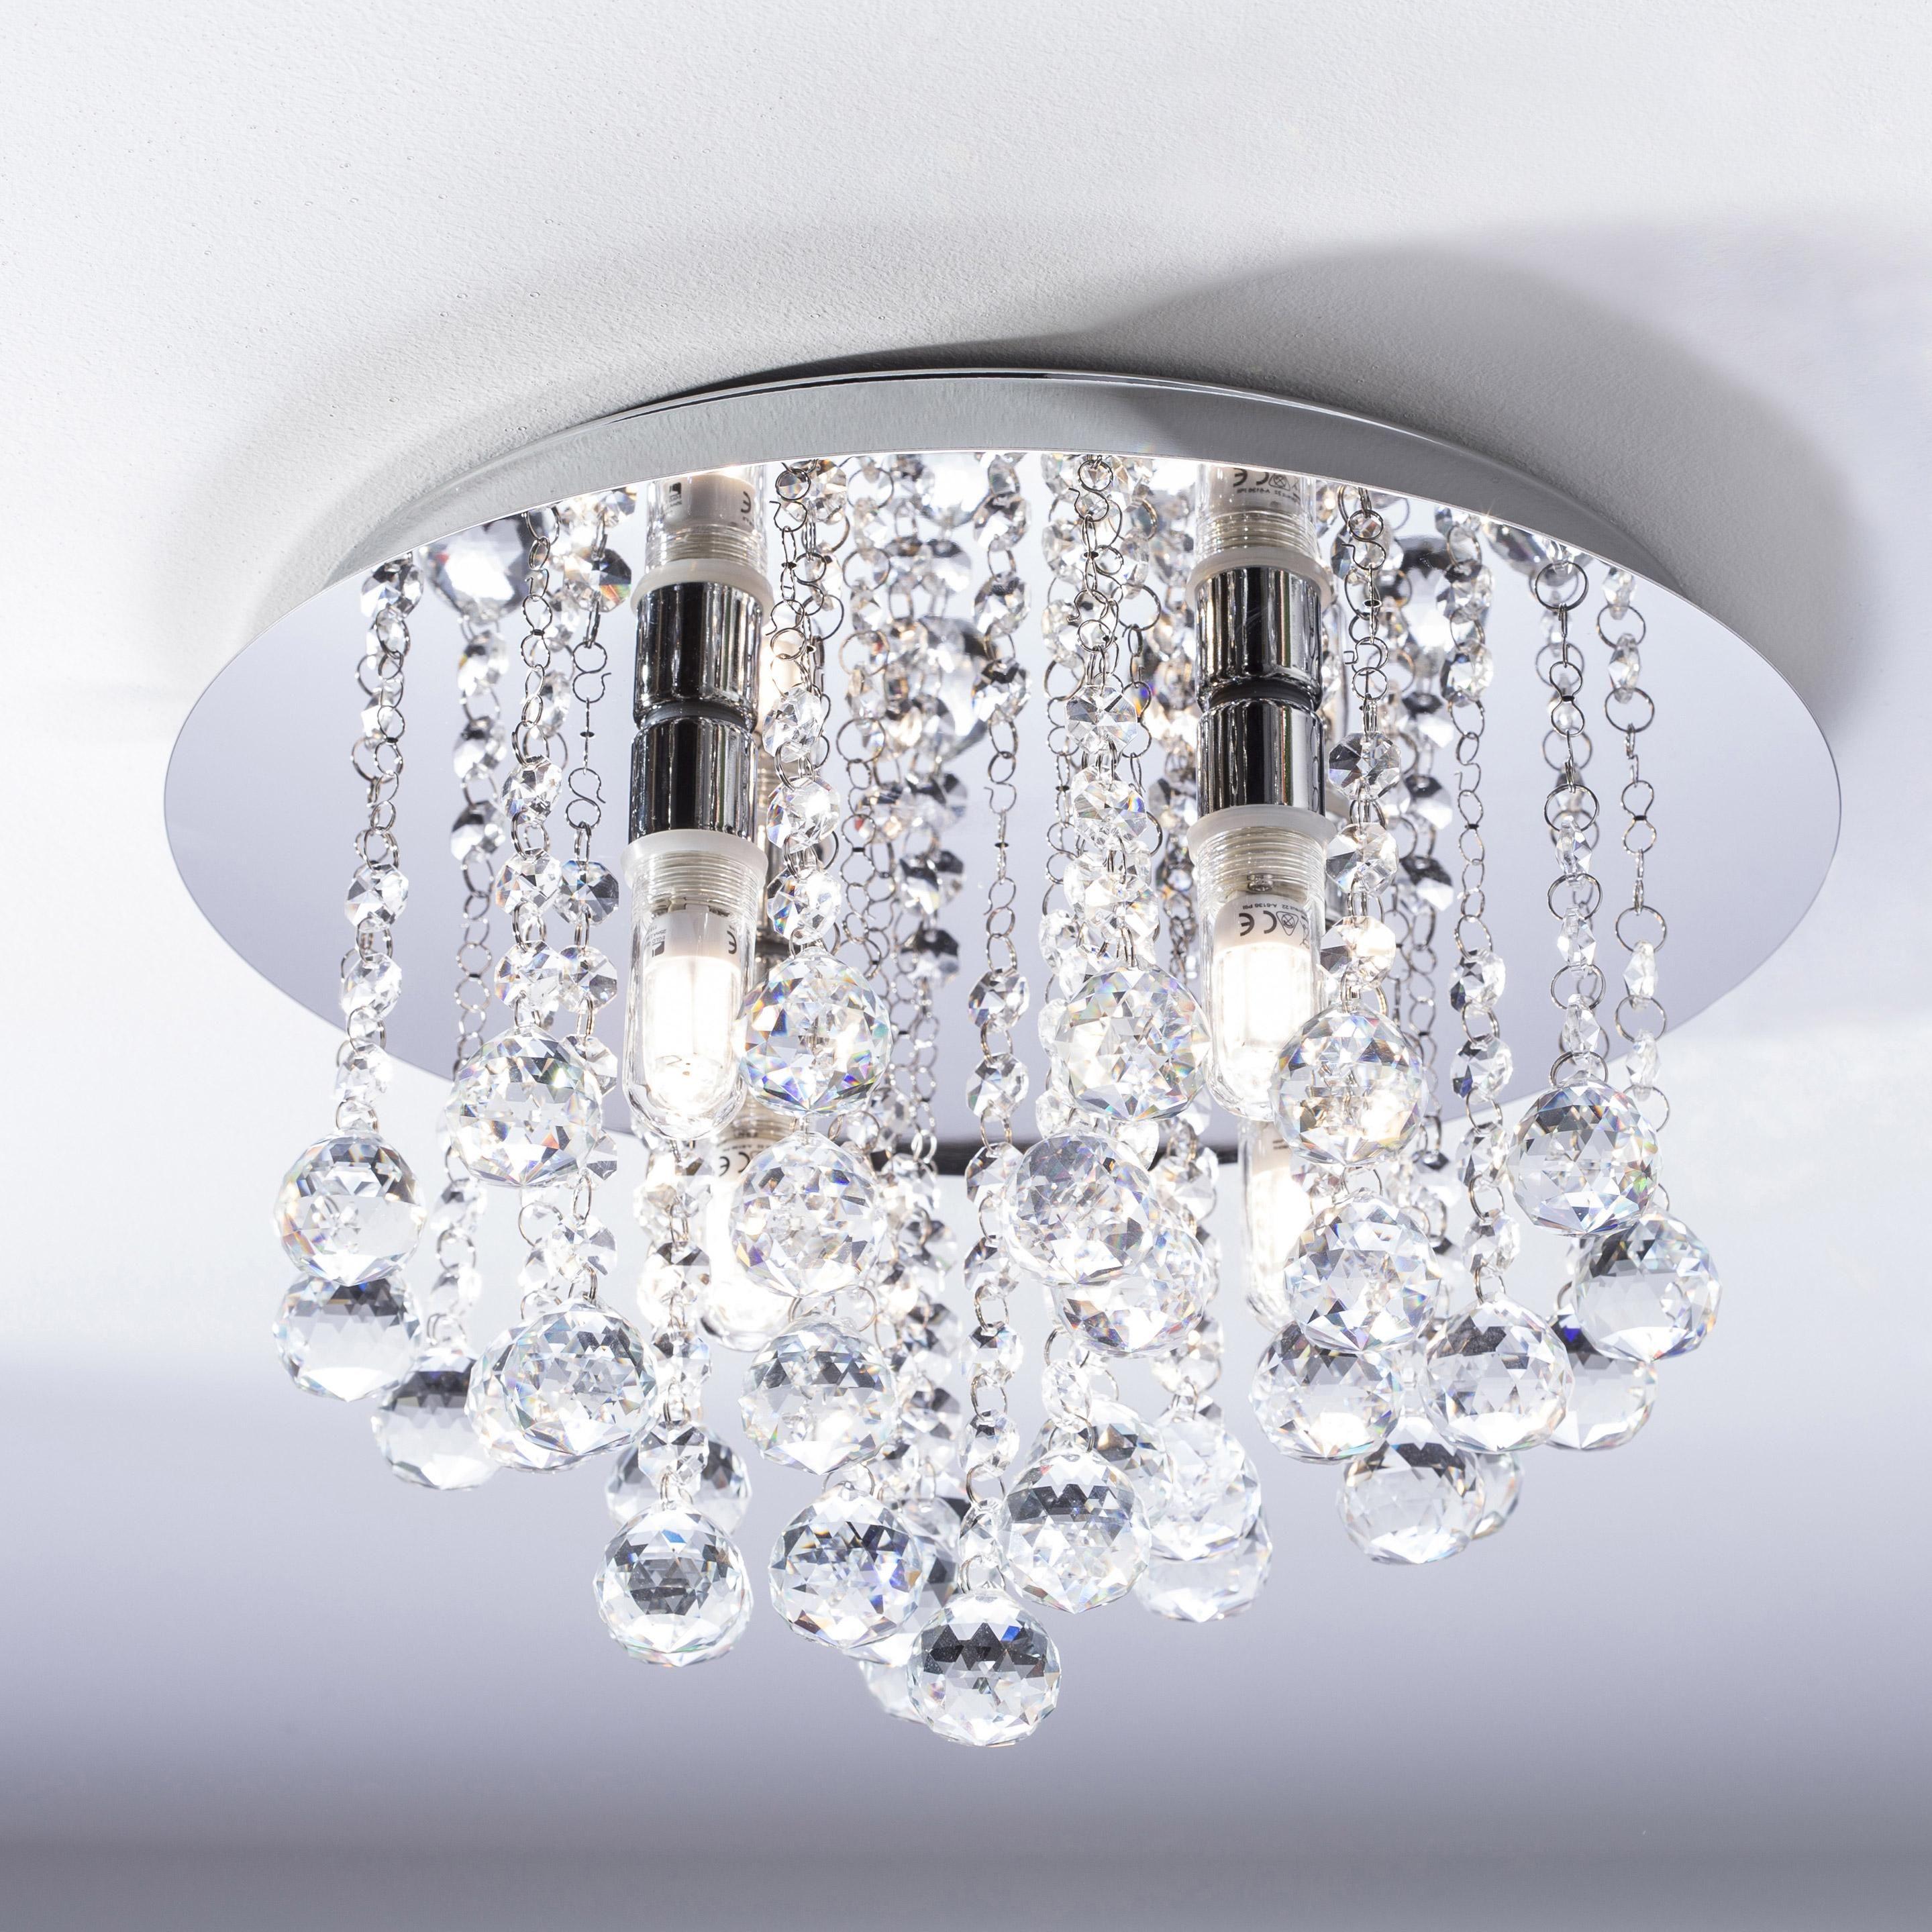 Plafonnier Almonte Led 4 X 2 5 W G9 Blanc Chaud Eglo En 2020 Plafonnier Eclairage Salle De Bain Et Luminaire Interieur